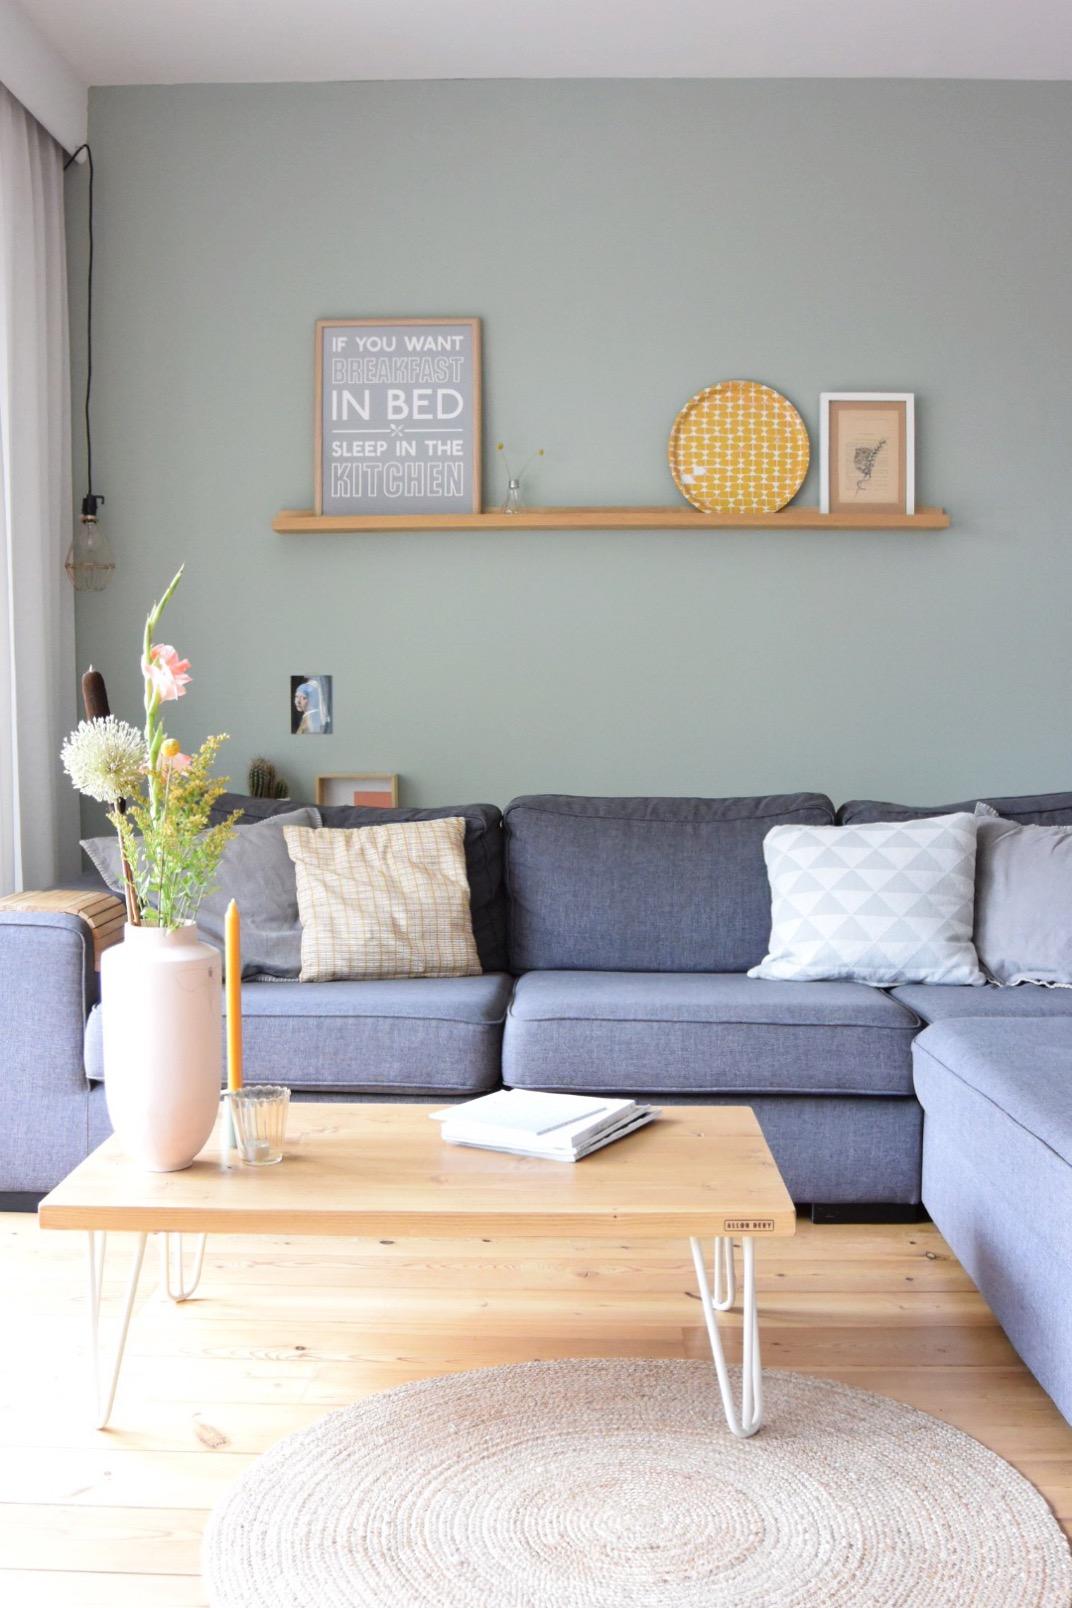 Zelf samenstellen   Design meubels van Allon Dery